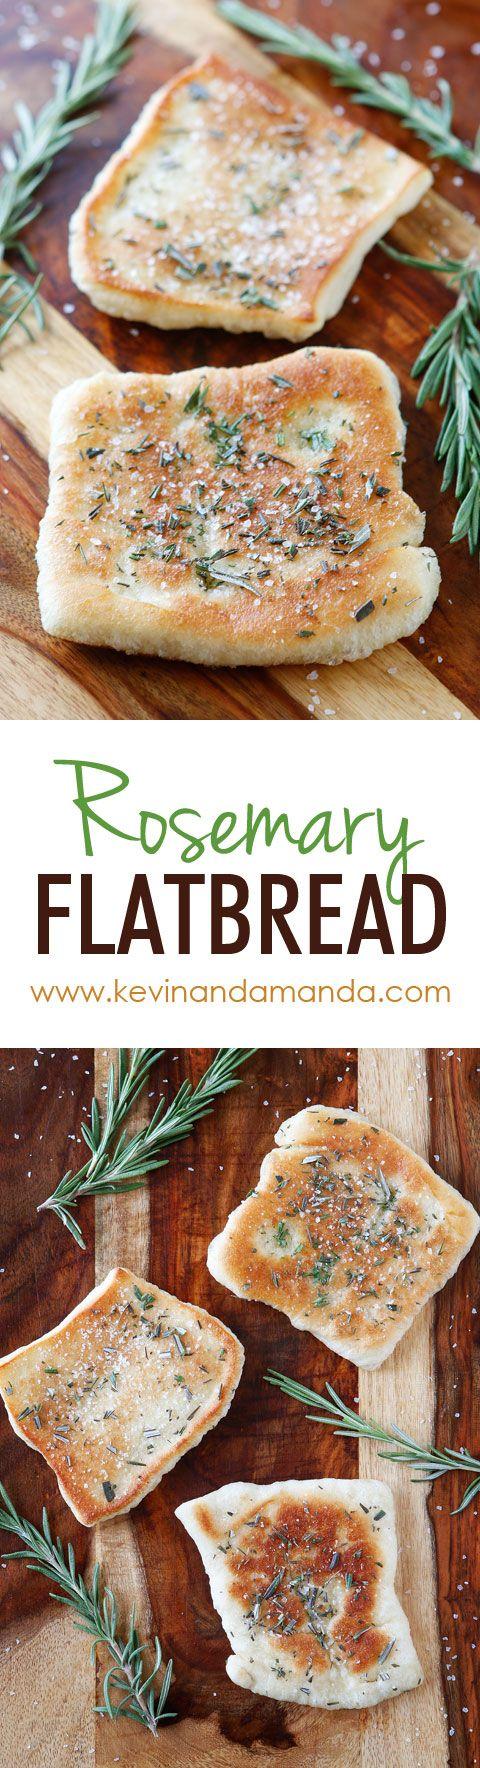 De PERFECTE voorgerecht of bijgerecht te dienen bij het diner!  Dit brood is zo snel en gemakkelijk om zweep.  Het is licht gebakken in olijfolie en gegarneerd met verse rozemarijn en zeezout.  De perfecte combinatie !!  Je moet dit doen !!